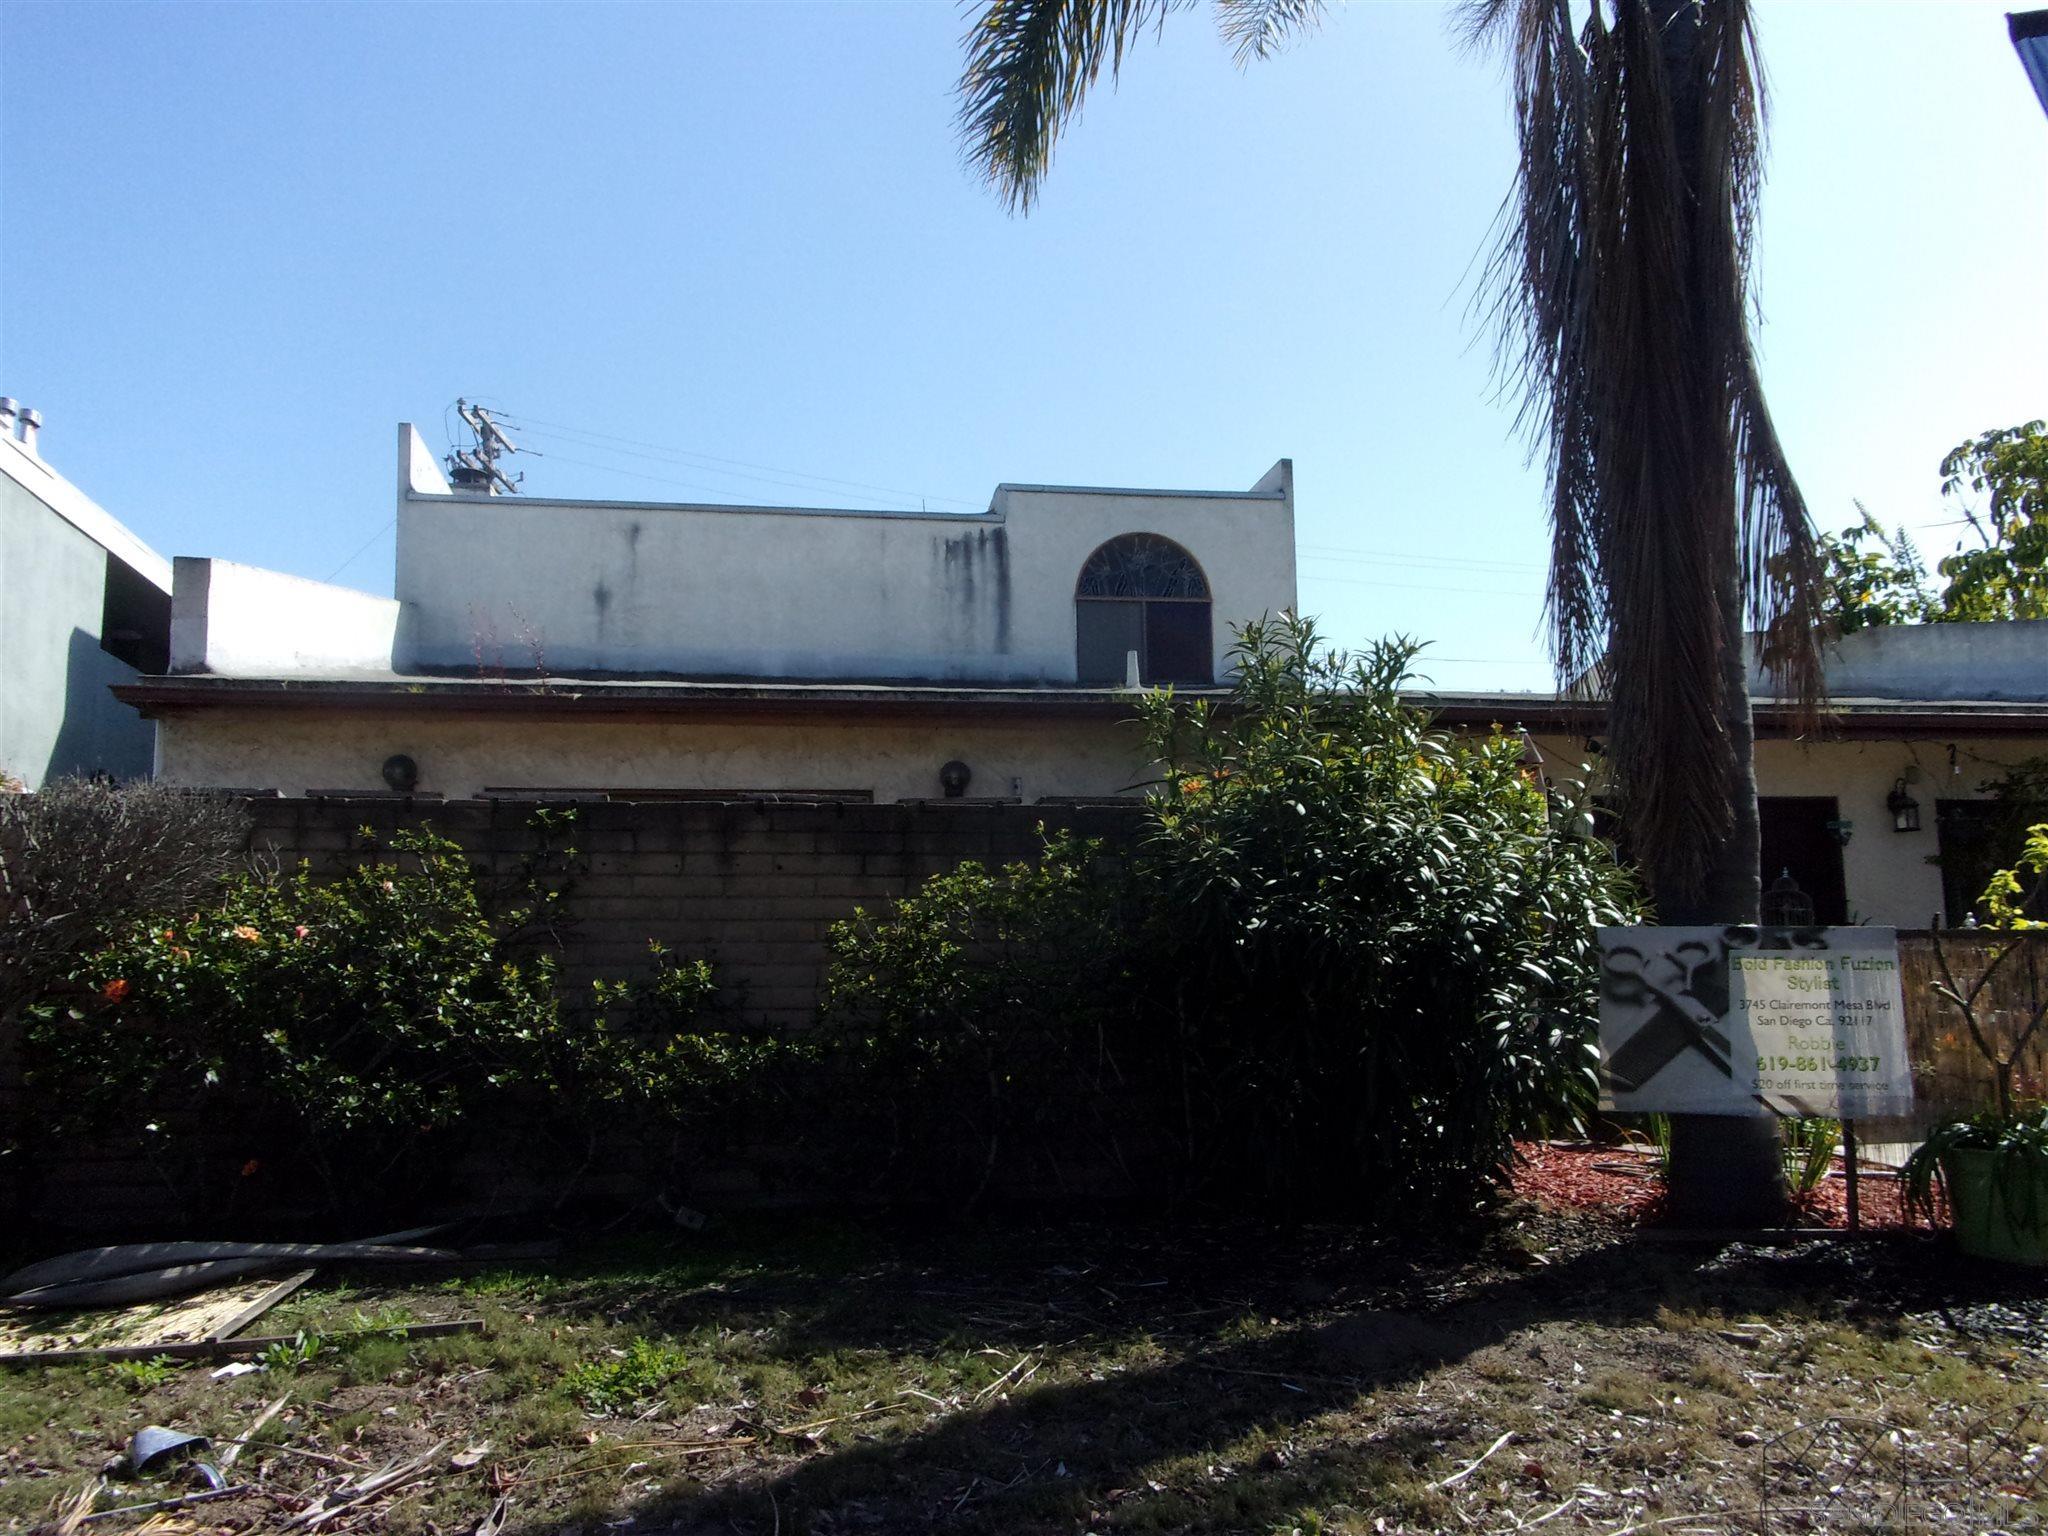 3745 Clairemont Mesa Blvd, San Diego, CA 92117